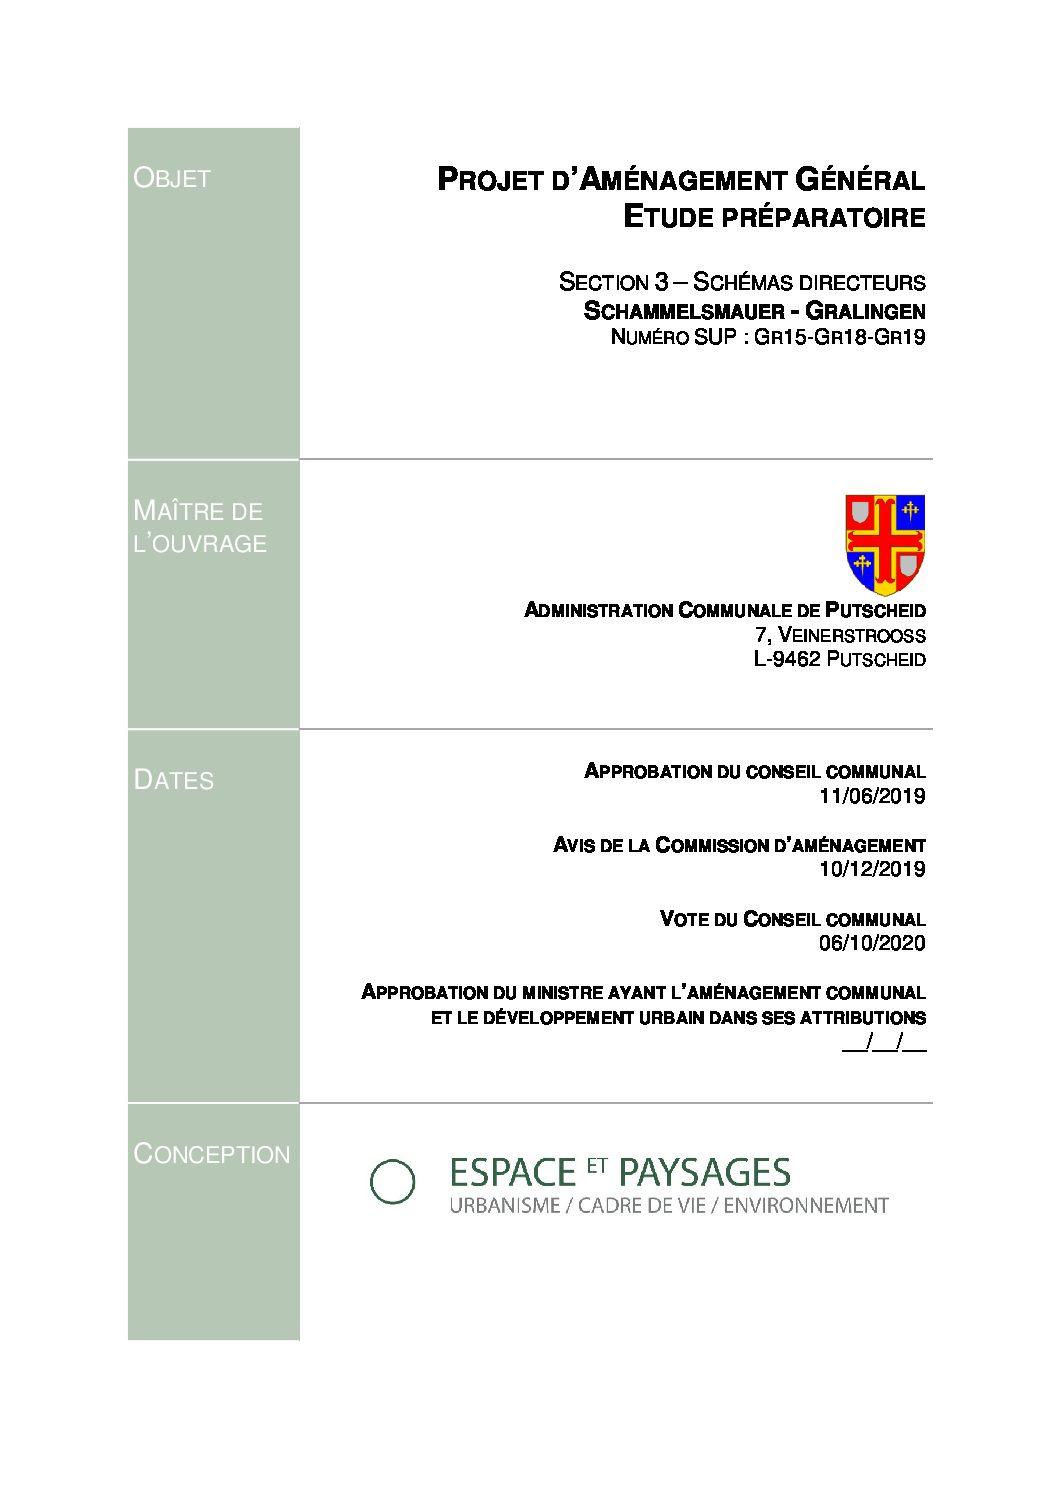 ETP3_Gr15-GR18-Gr19_Schammelsmauer